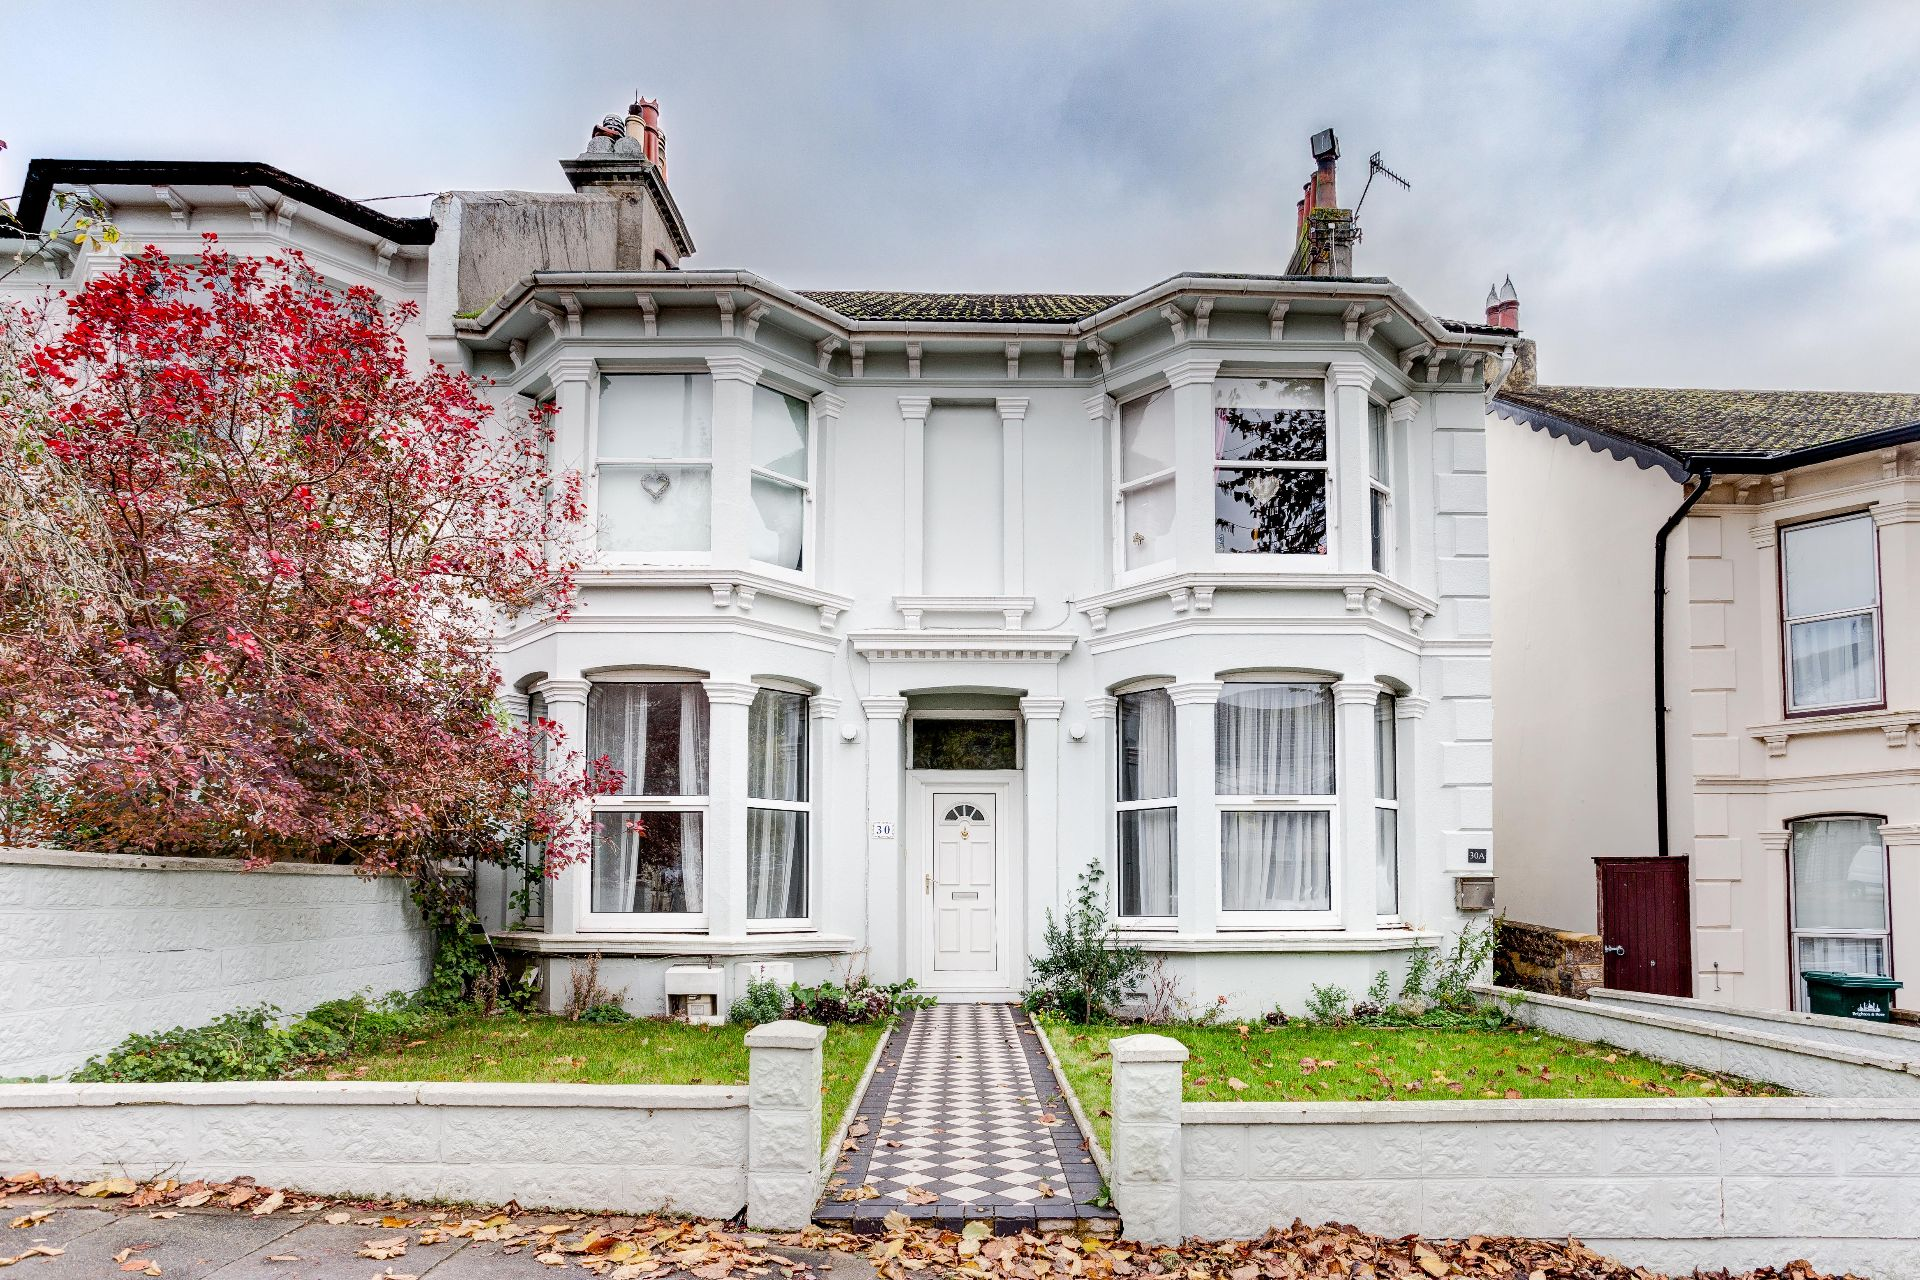 Beaconsfield Villas, Brighton